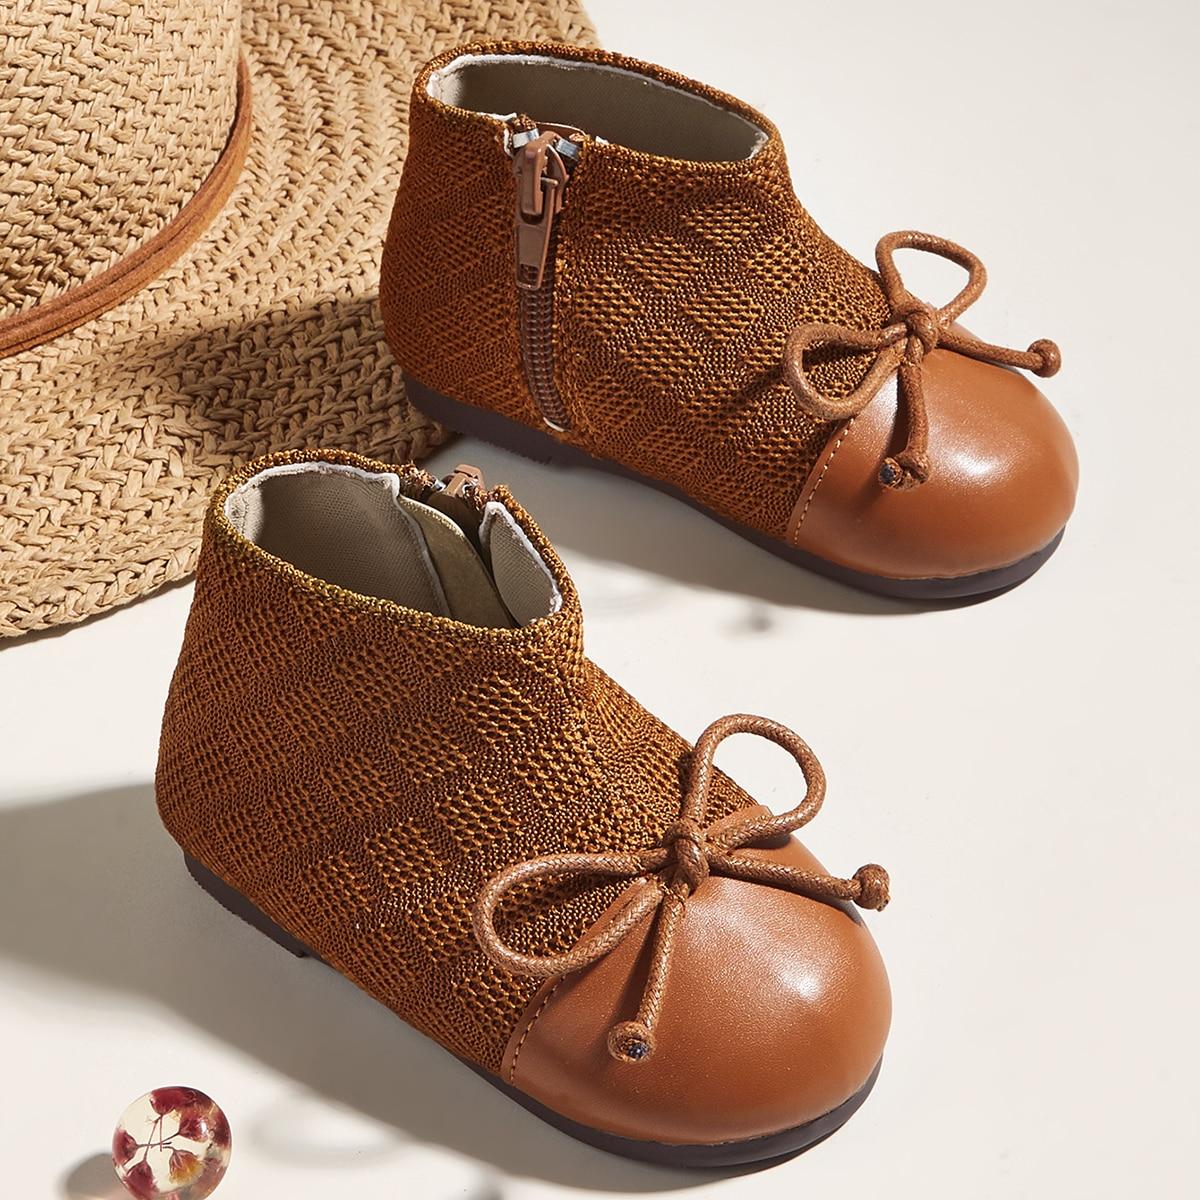 Ботинки с бантом на молнии для девочек SheIn sk2108054361421113